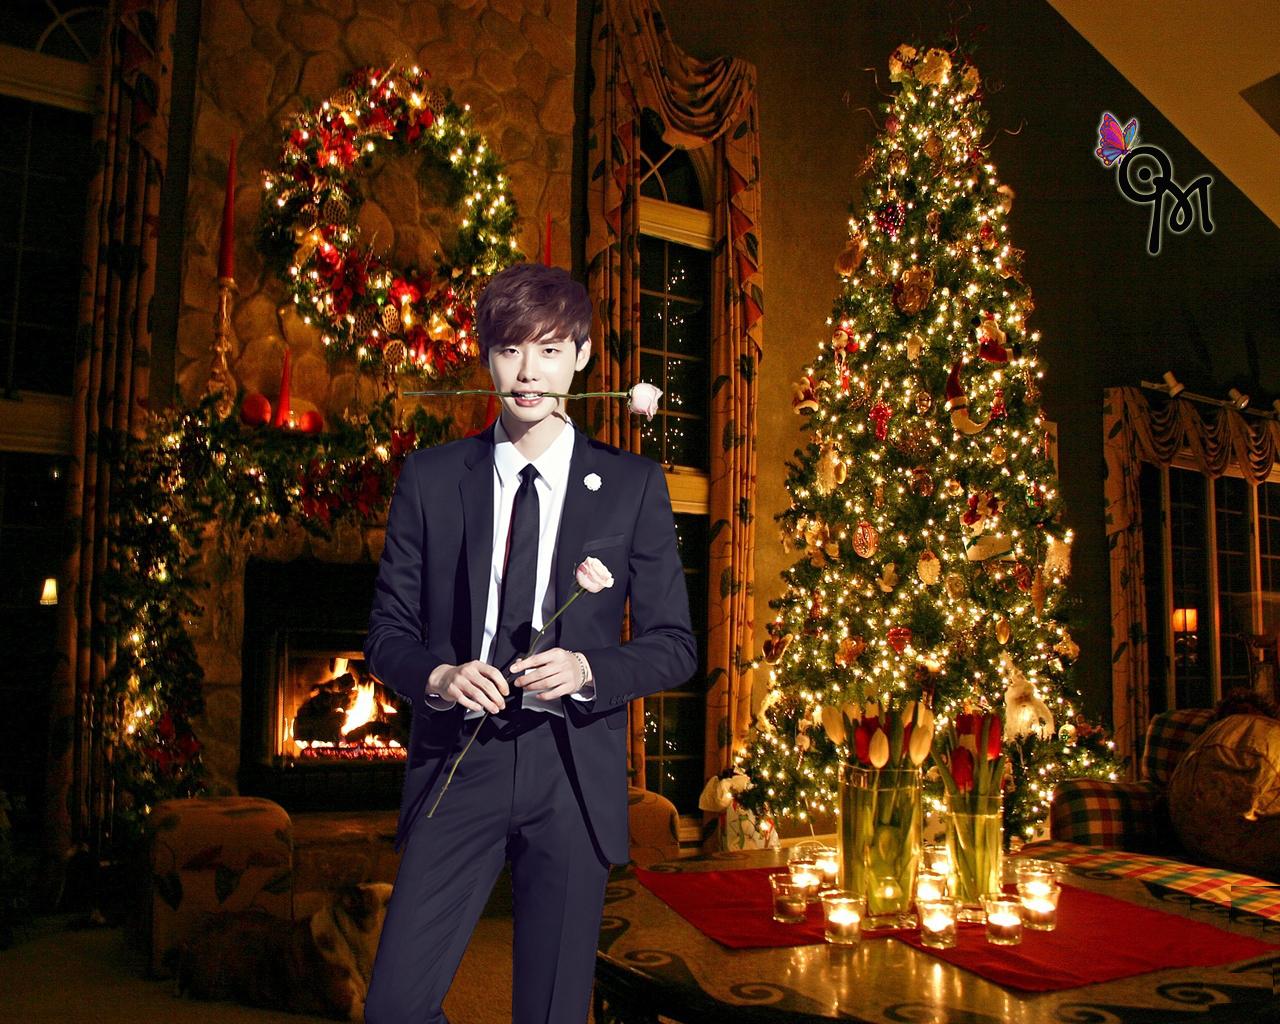 lee-jong-suk-wallpaper-natalizi